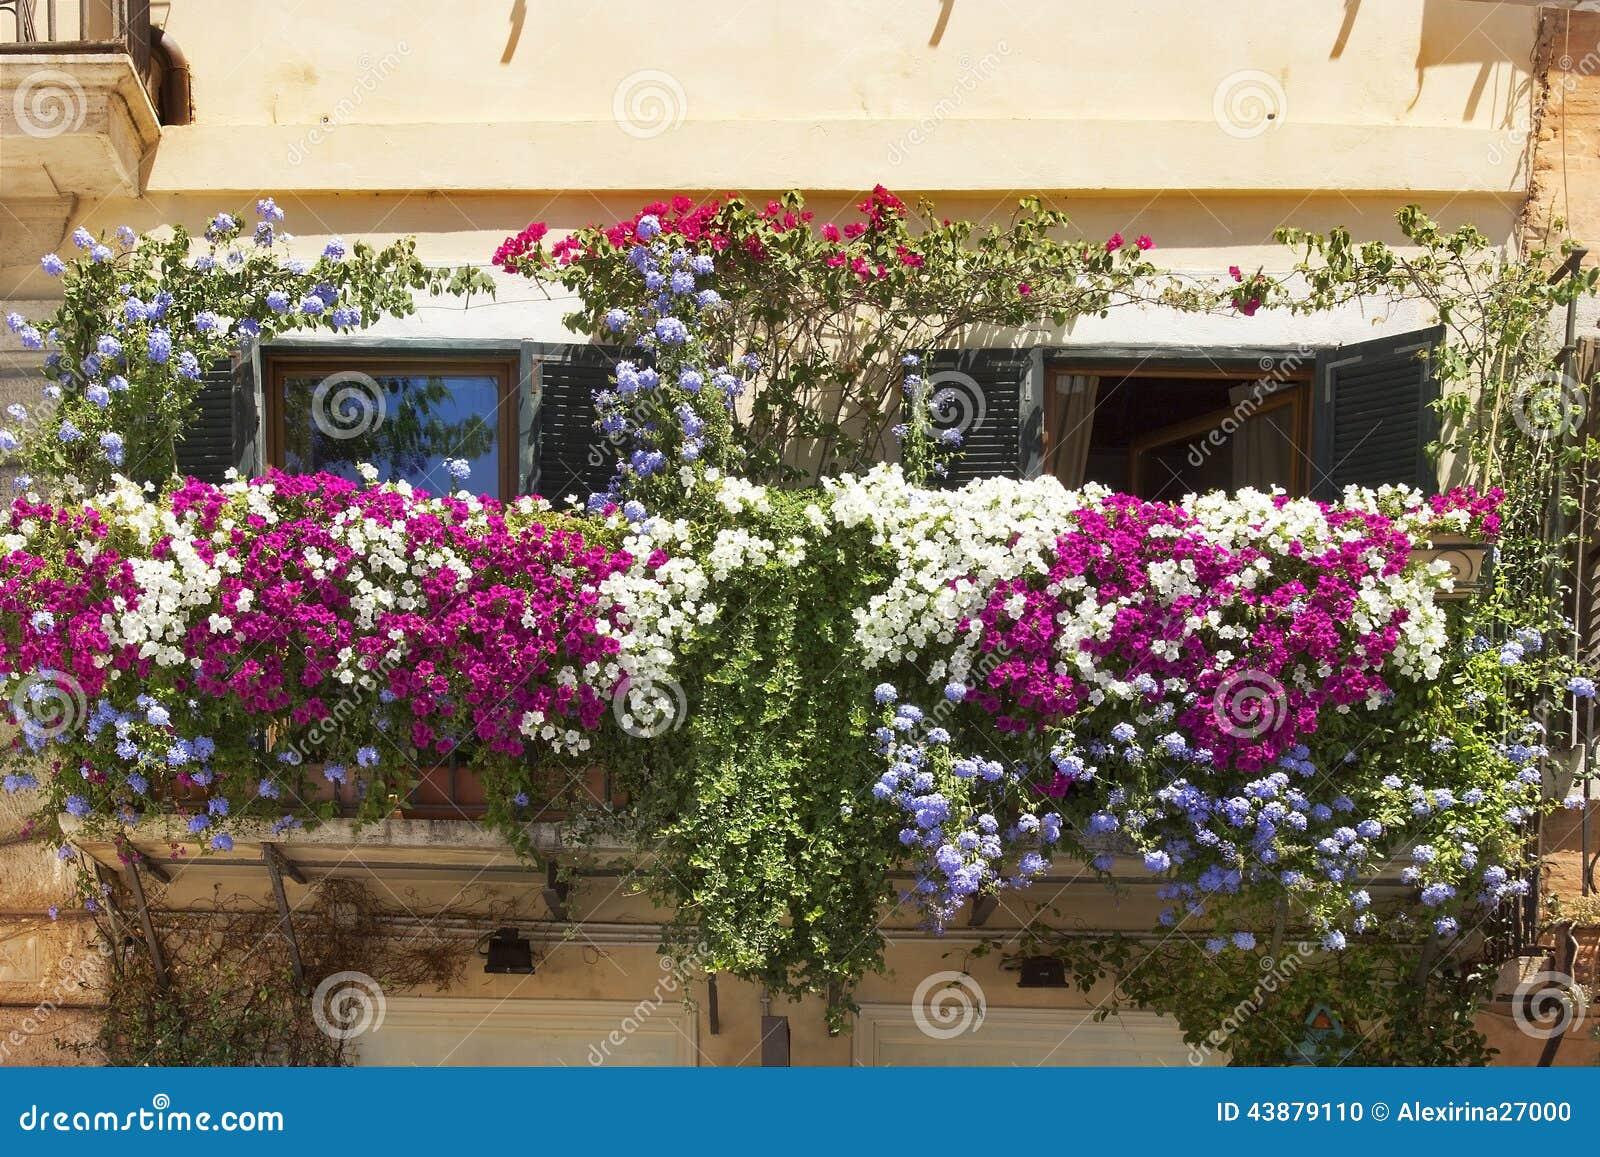 balkon twined mit blumen von petunien stockfoto bild. Black Bedroom Furniture Sets. Home Design Ideas